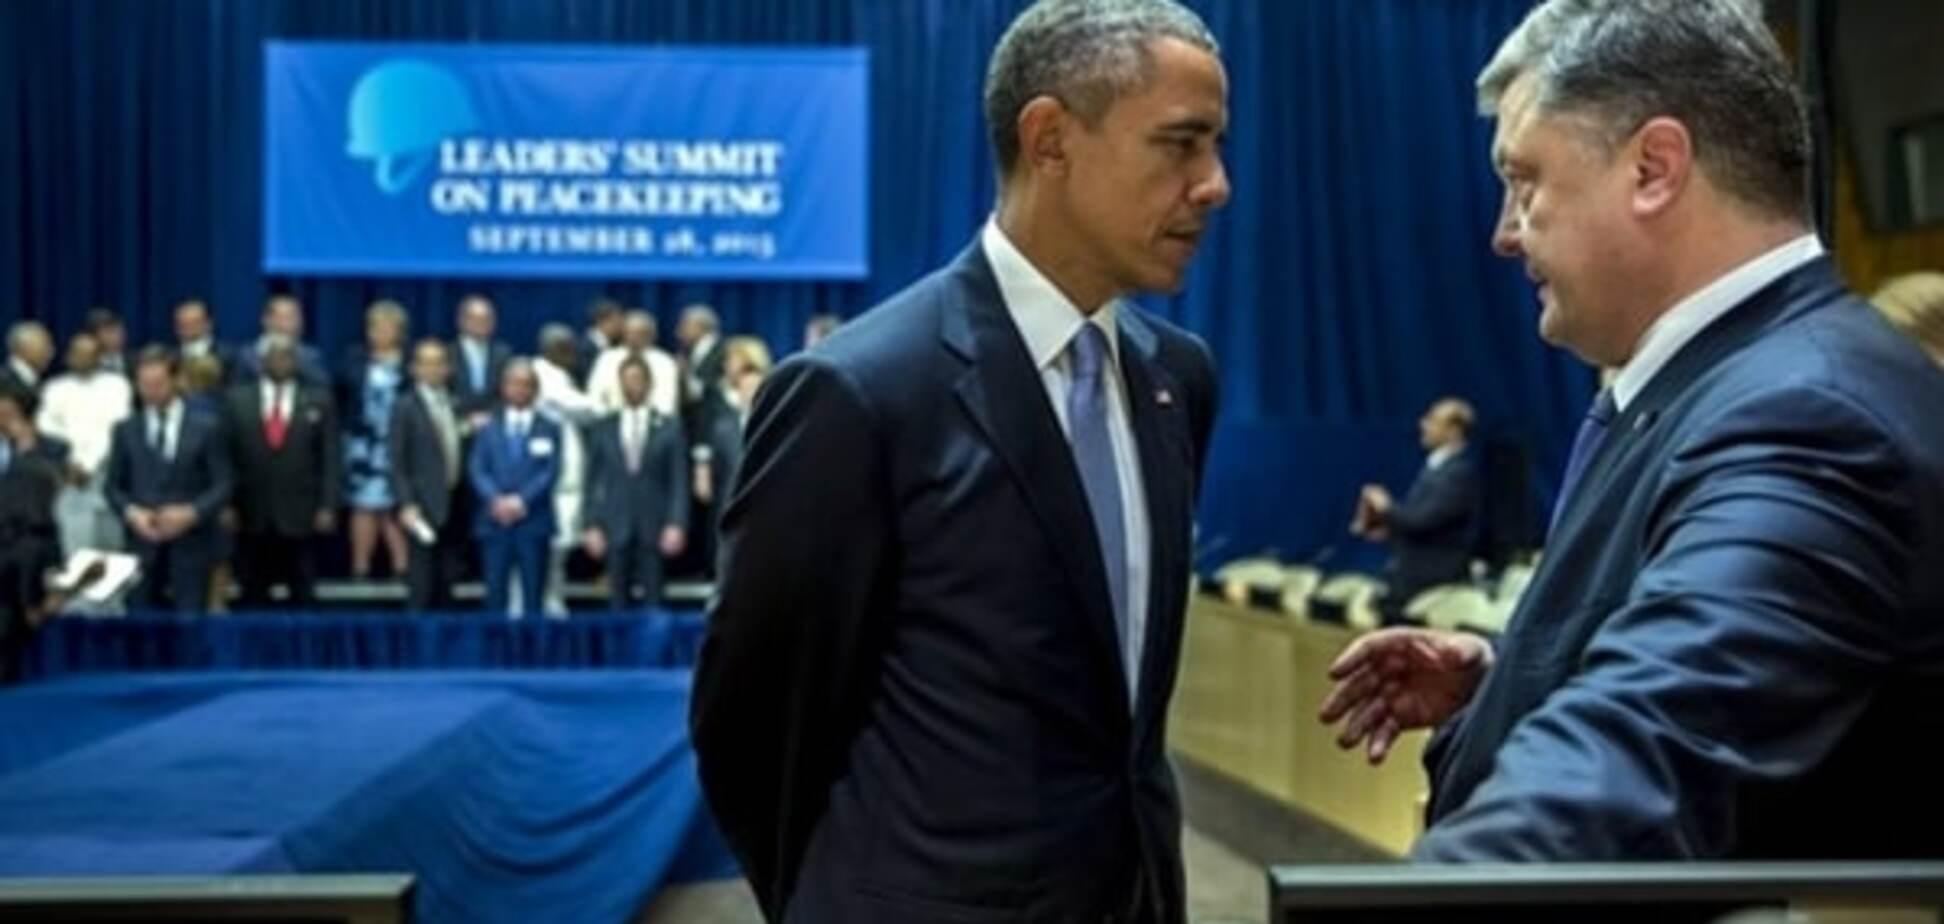 Гавриш: Обама сделал Порошенко намек, но тот его не понял